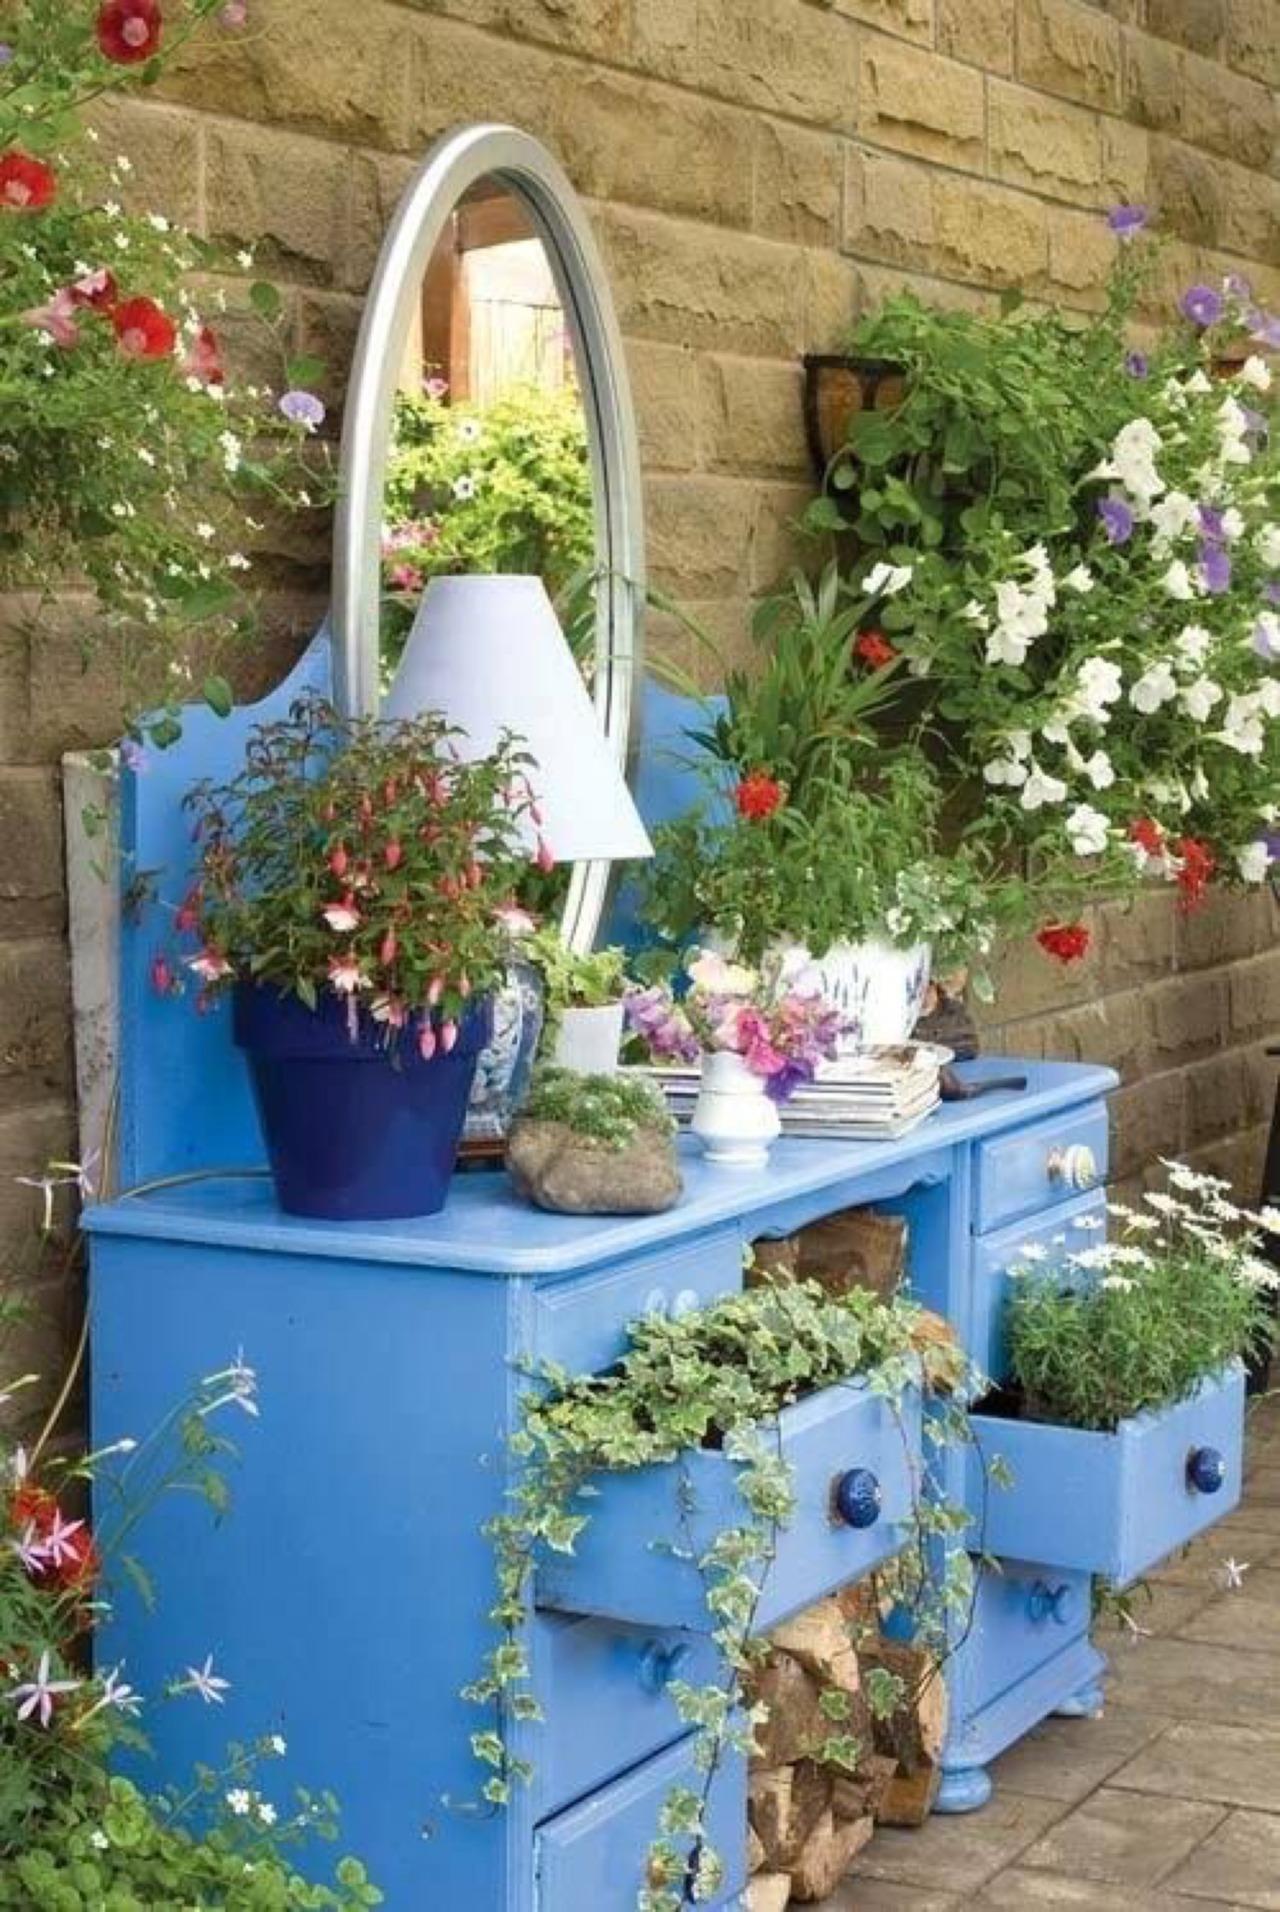 Tận dụng đồ cũ để trang trí khiến khu vườn của bạn trở nên sống động hơn bao giờ hết - Ảnh 7.